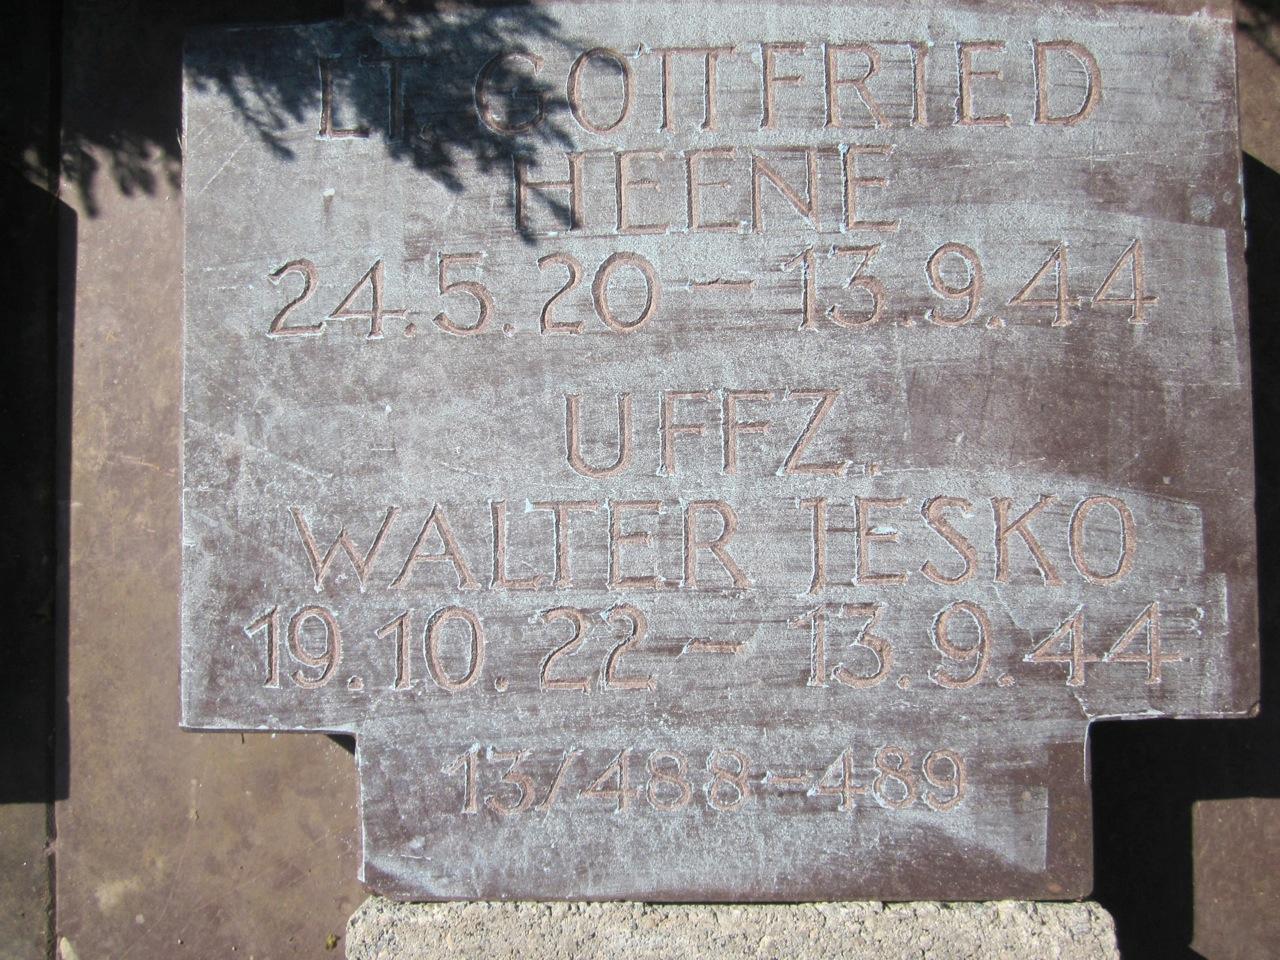 KIA Aviator Ju-188 luftwaffe tombstone costermano Ltn. Gottfried Heene Uffz. Walter Jesko